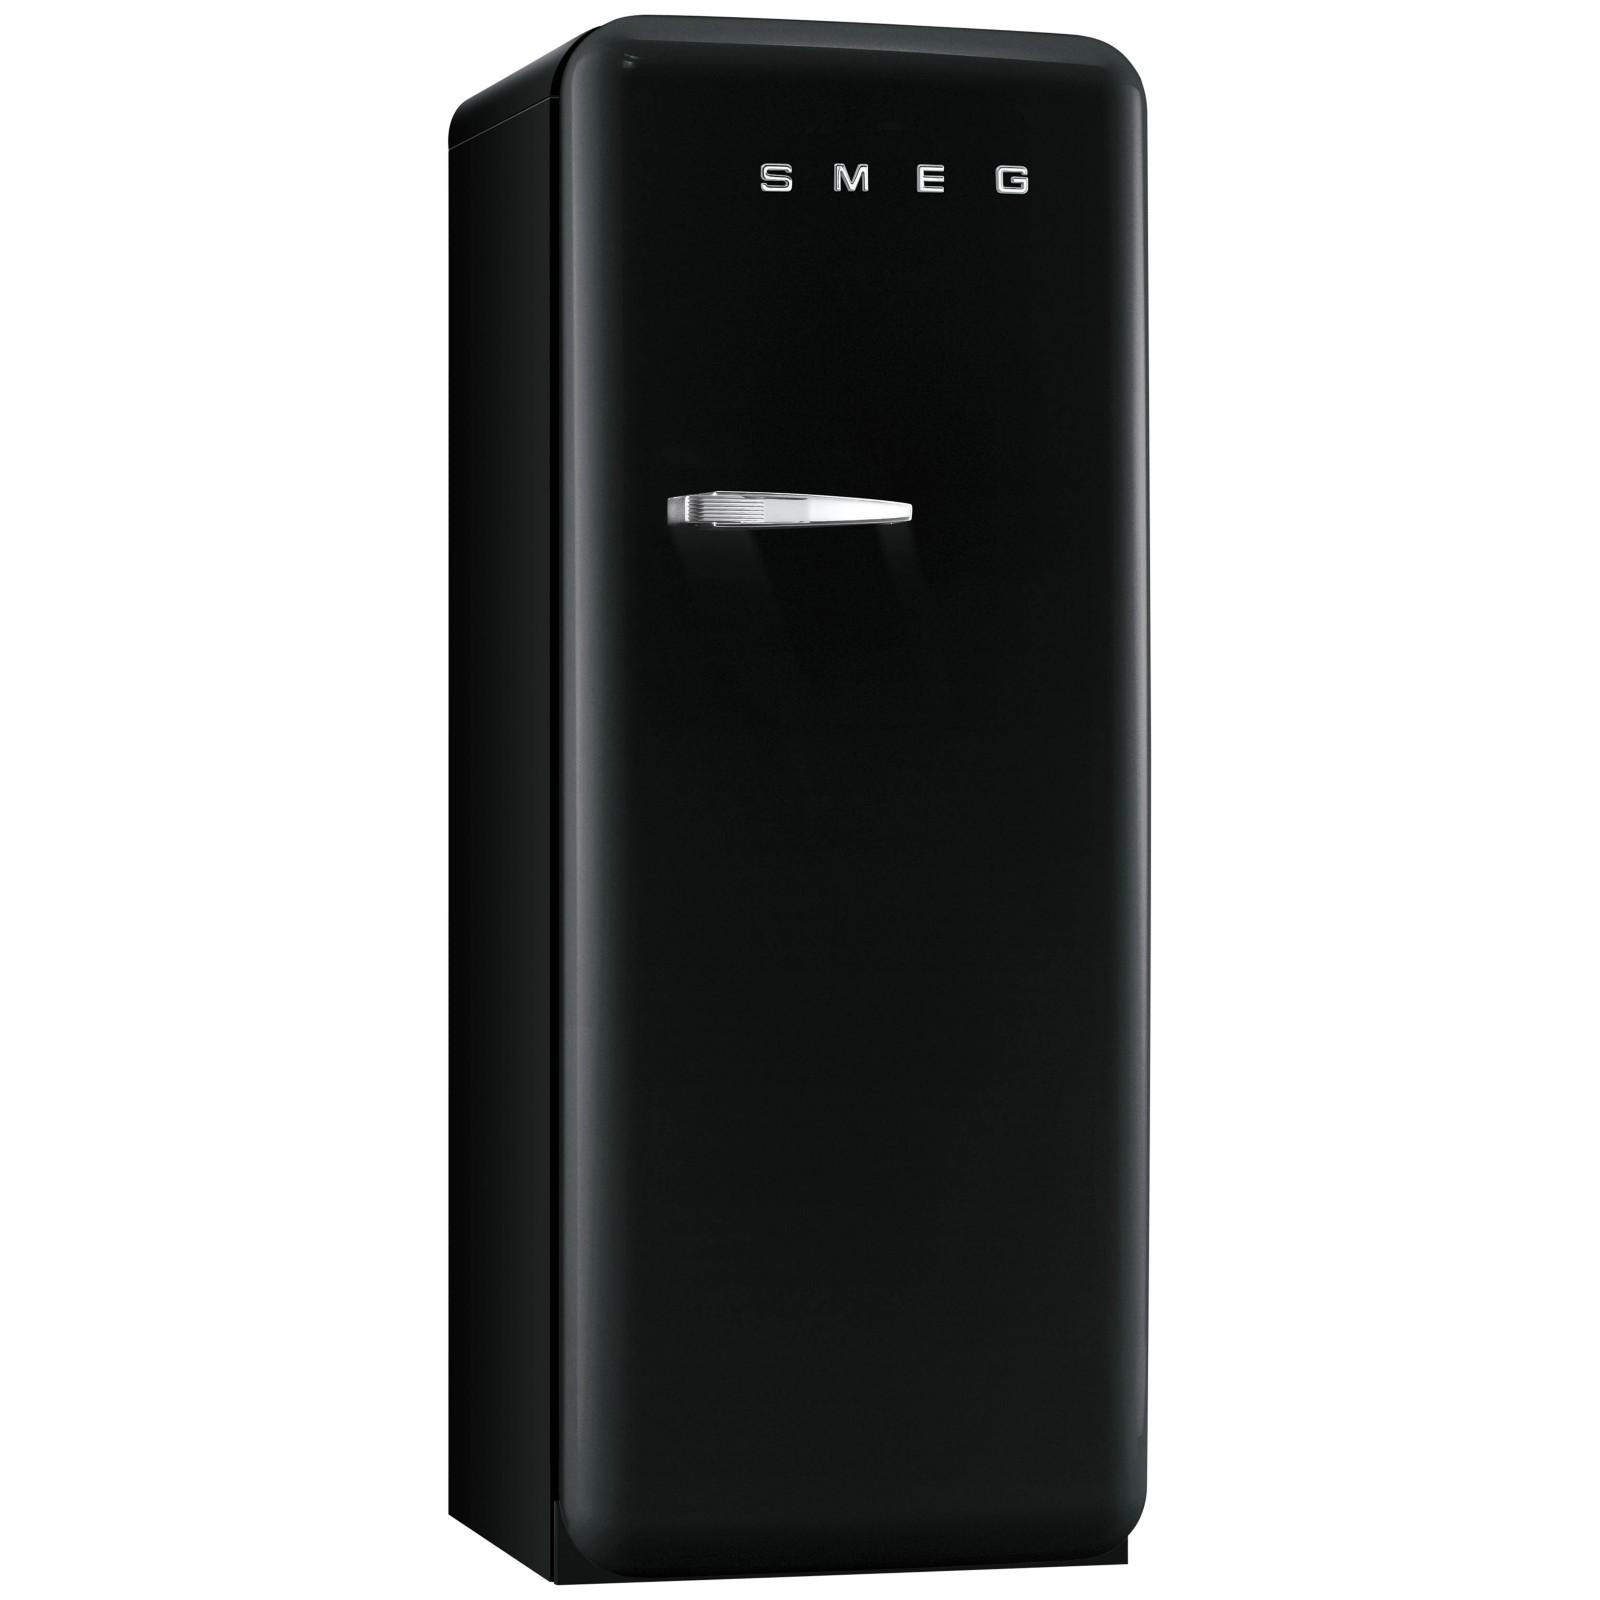 Smeg CVB20R Tall Freezer